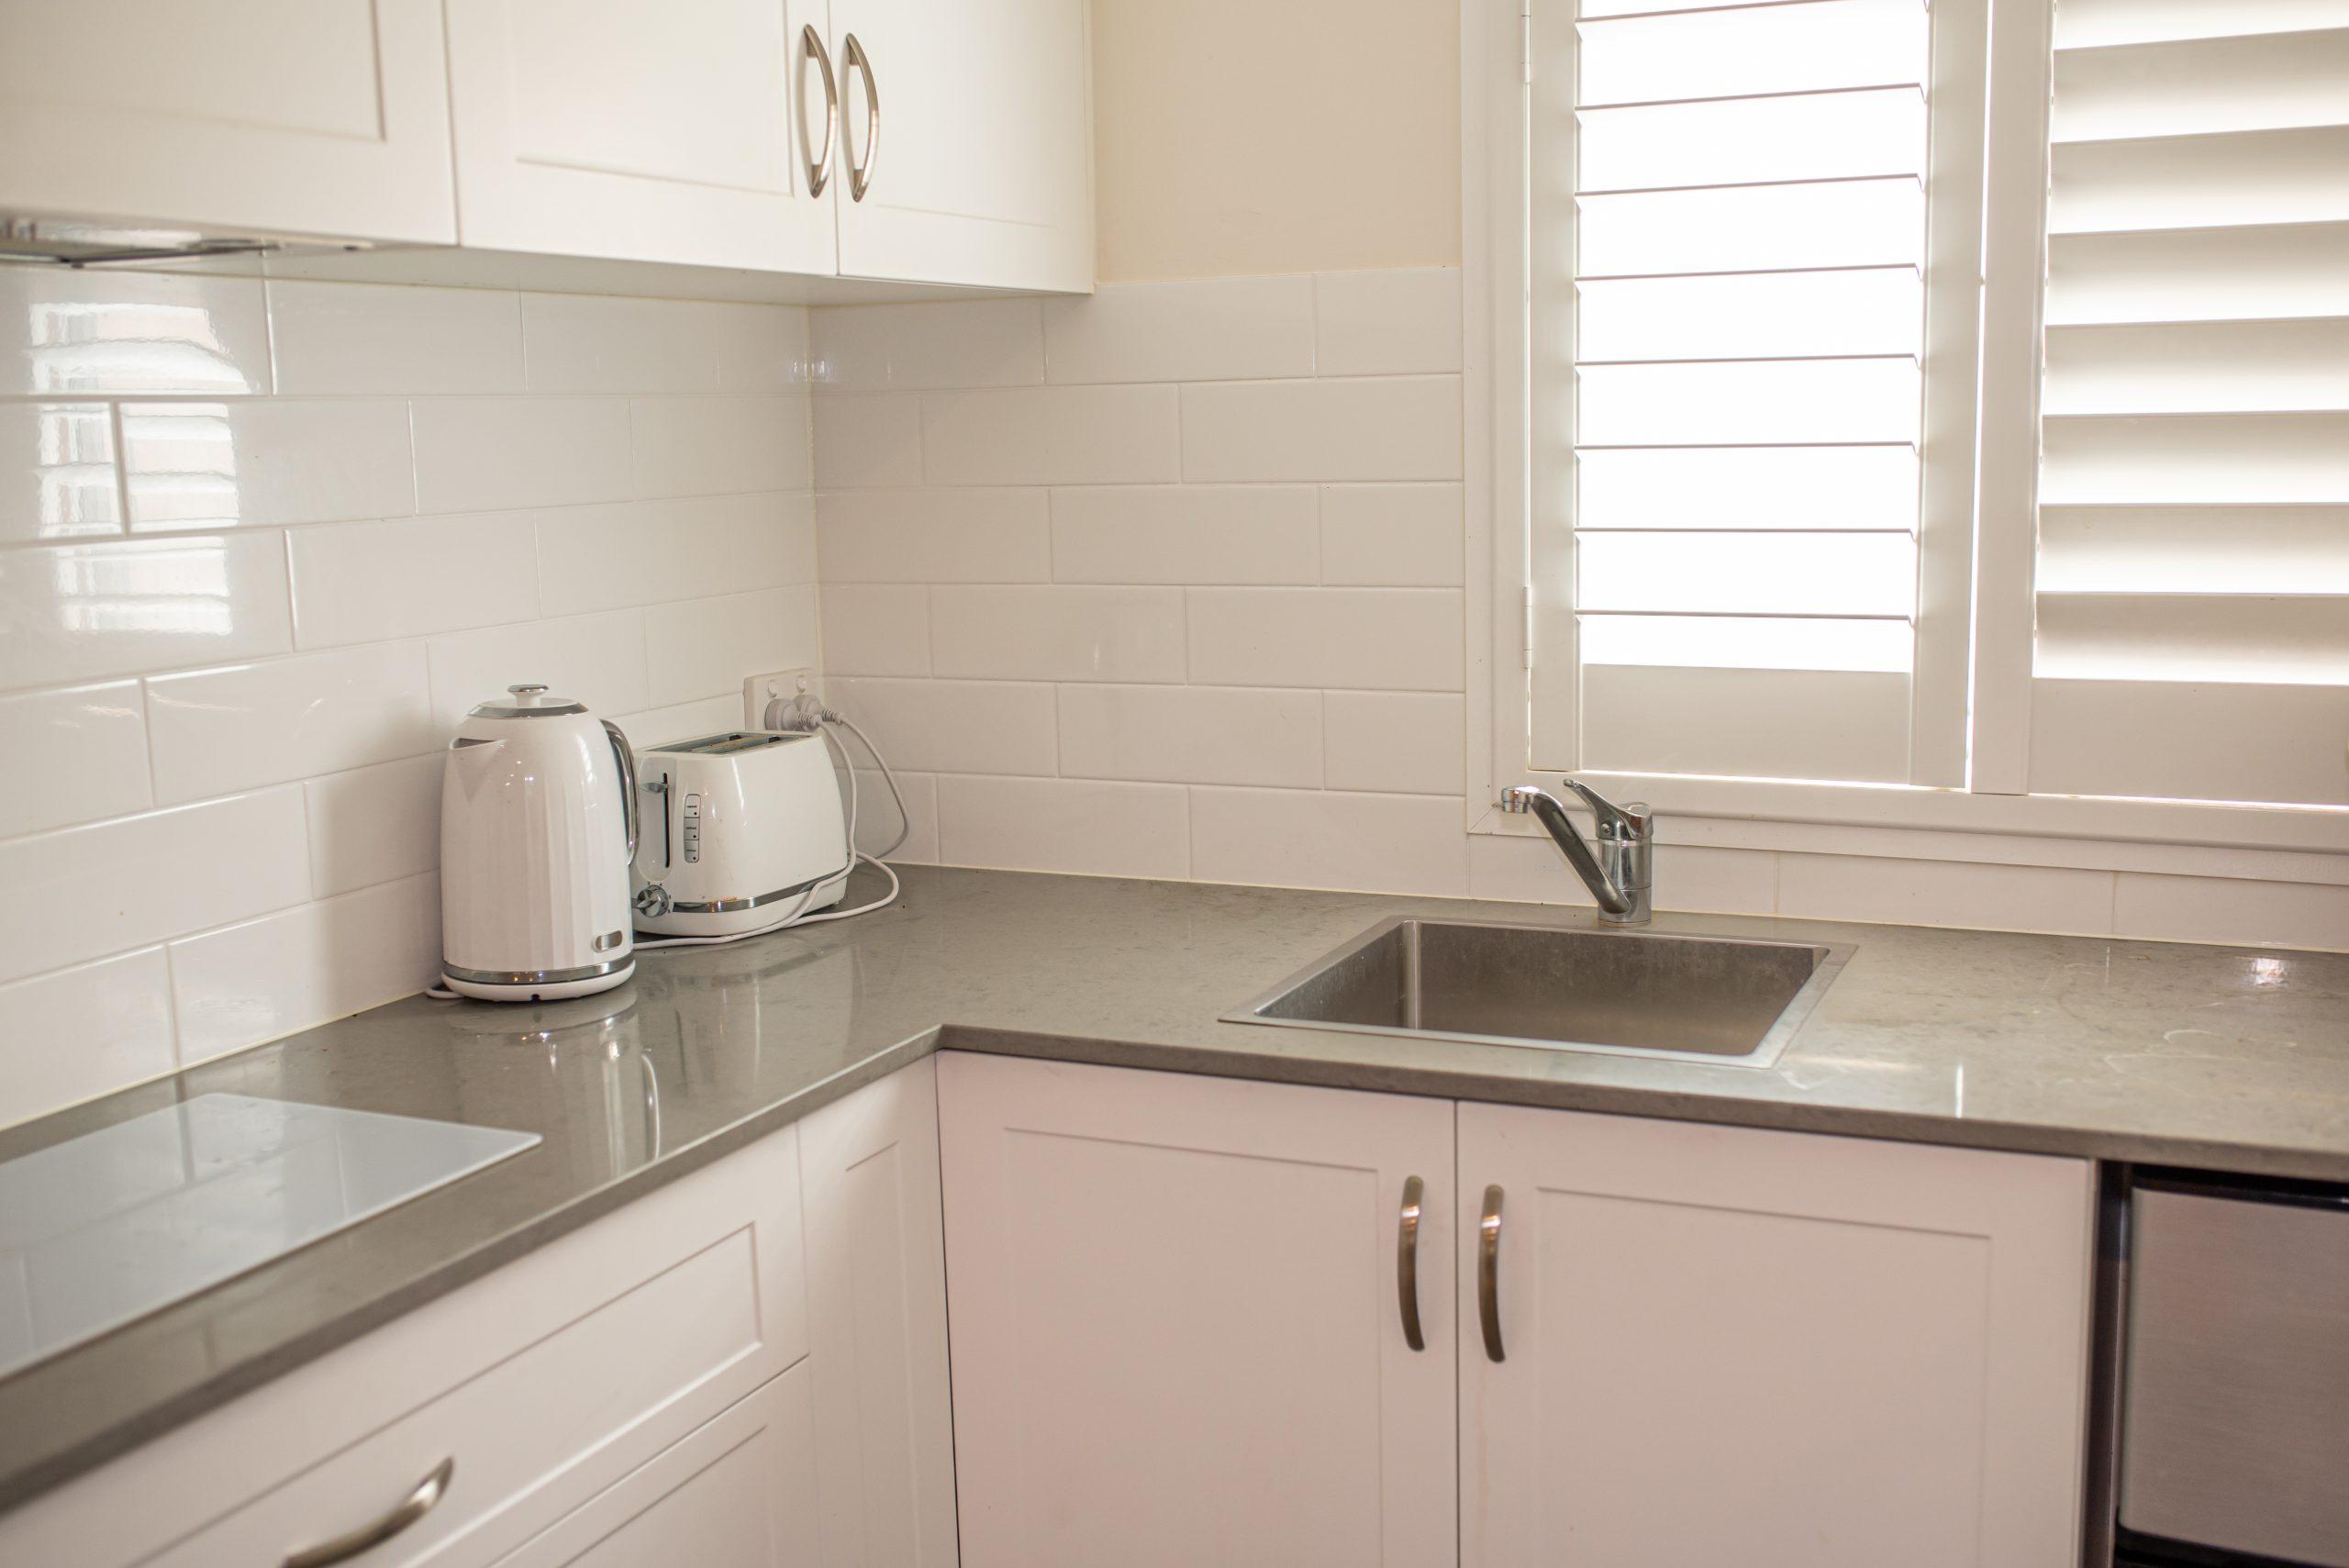 Kitchen sink & mixer